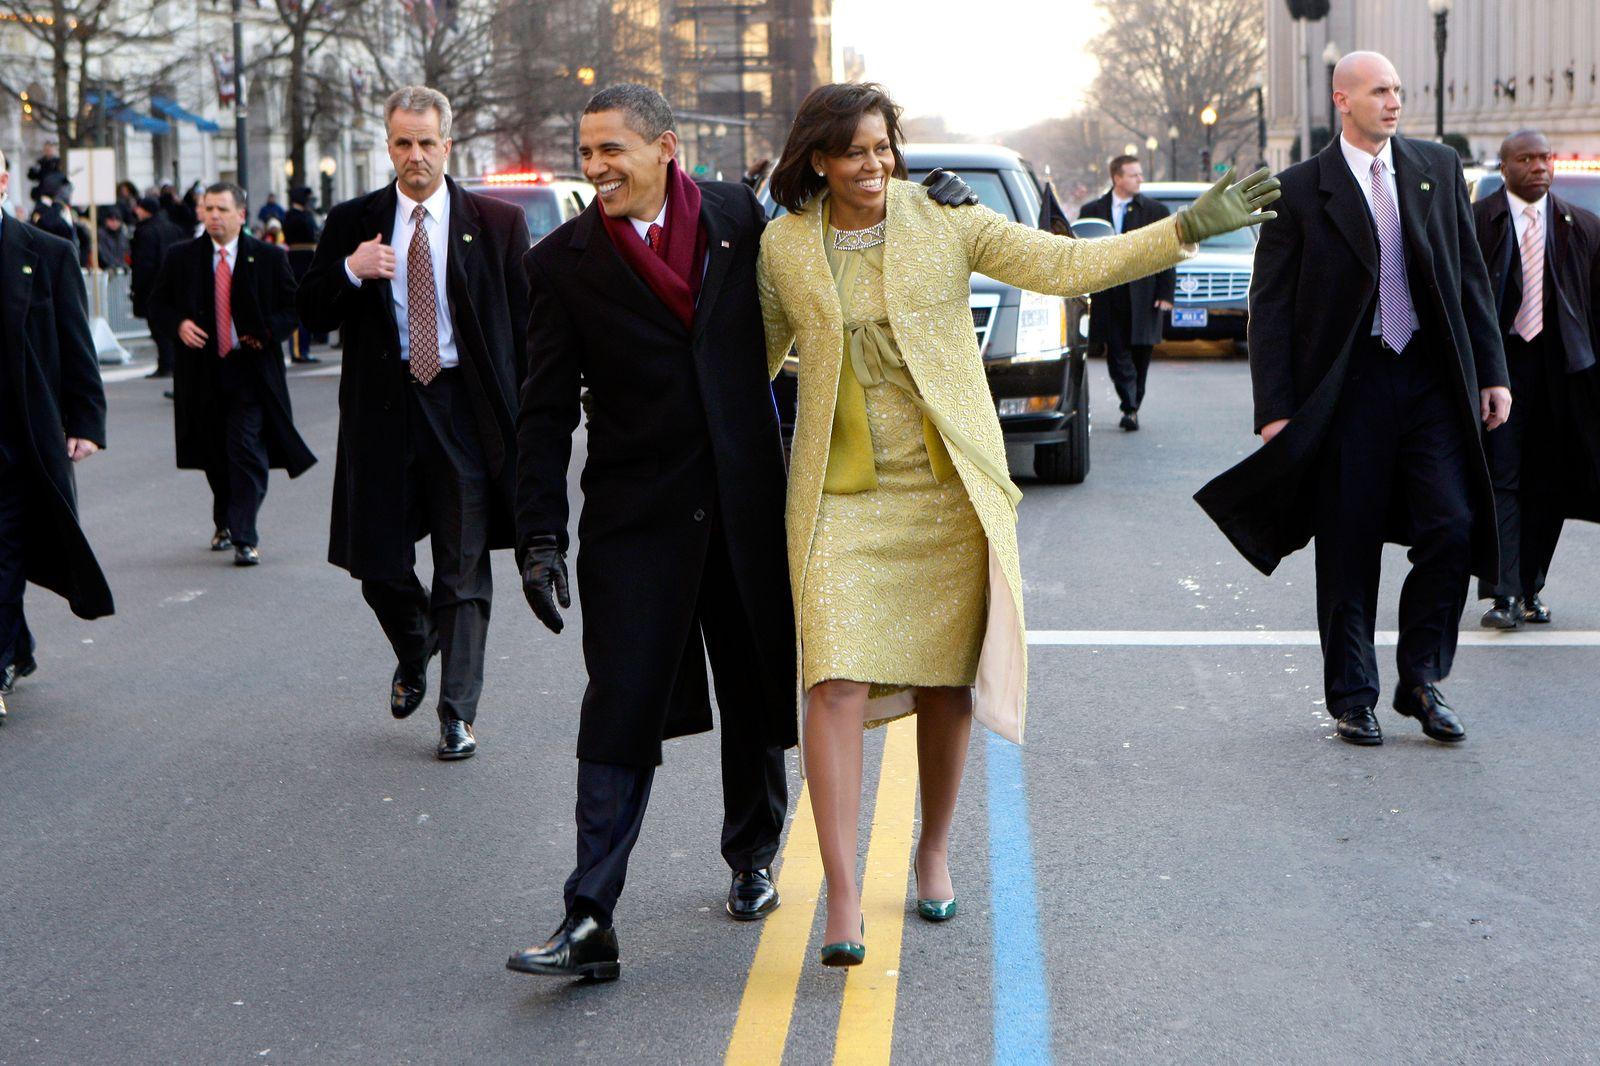 Stil/ Isabel Toledo/ Michelle Obama